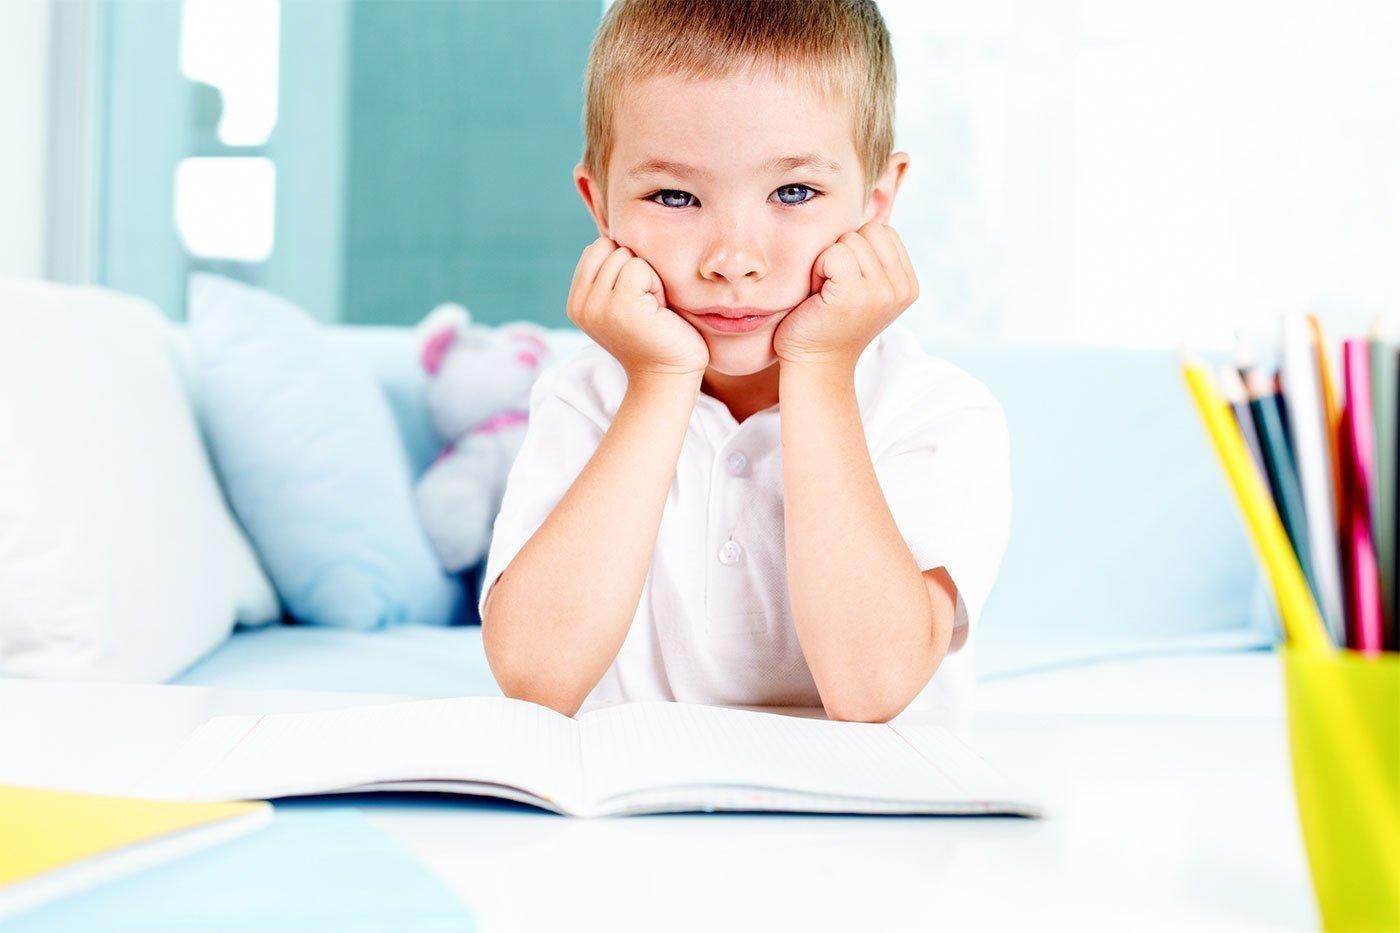 الكسل واللامبالاة عند الاطفال